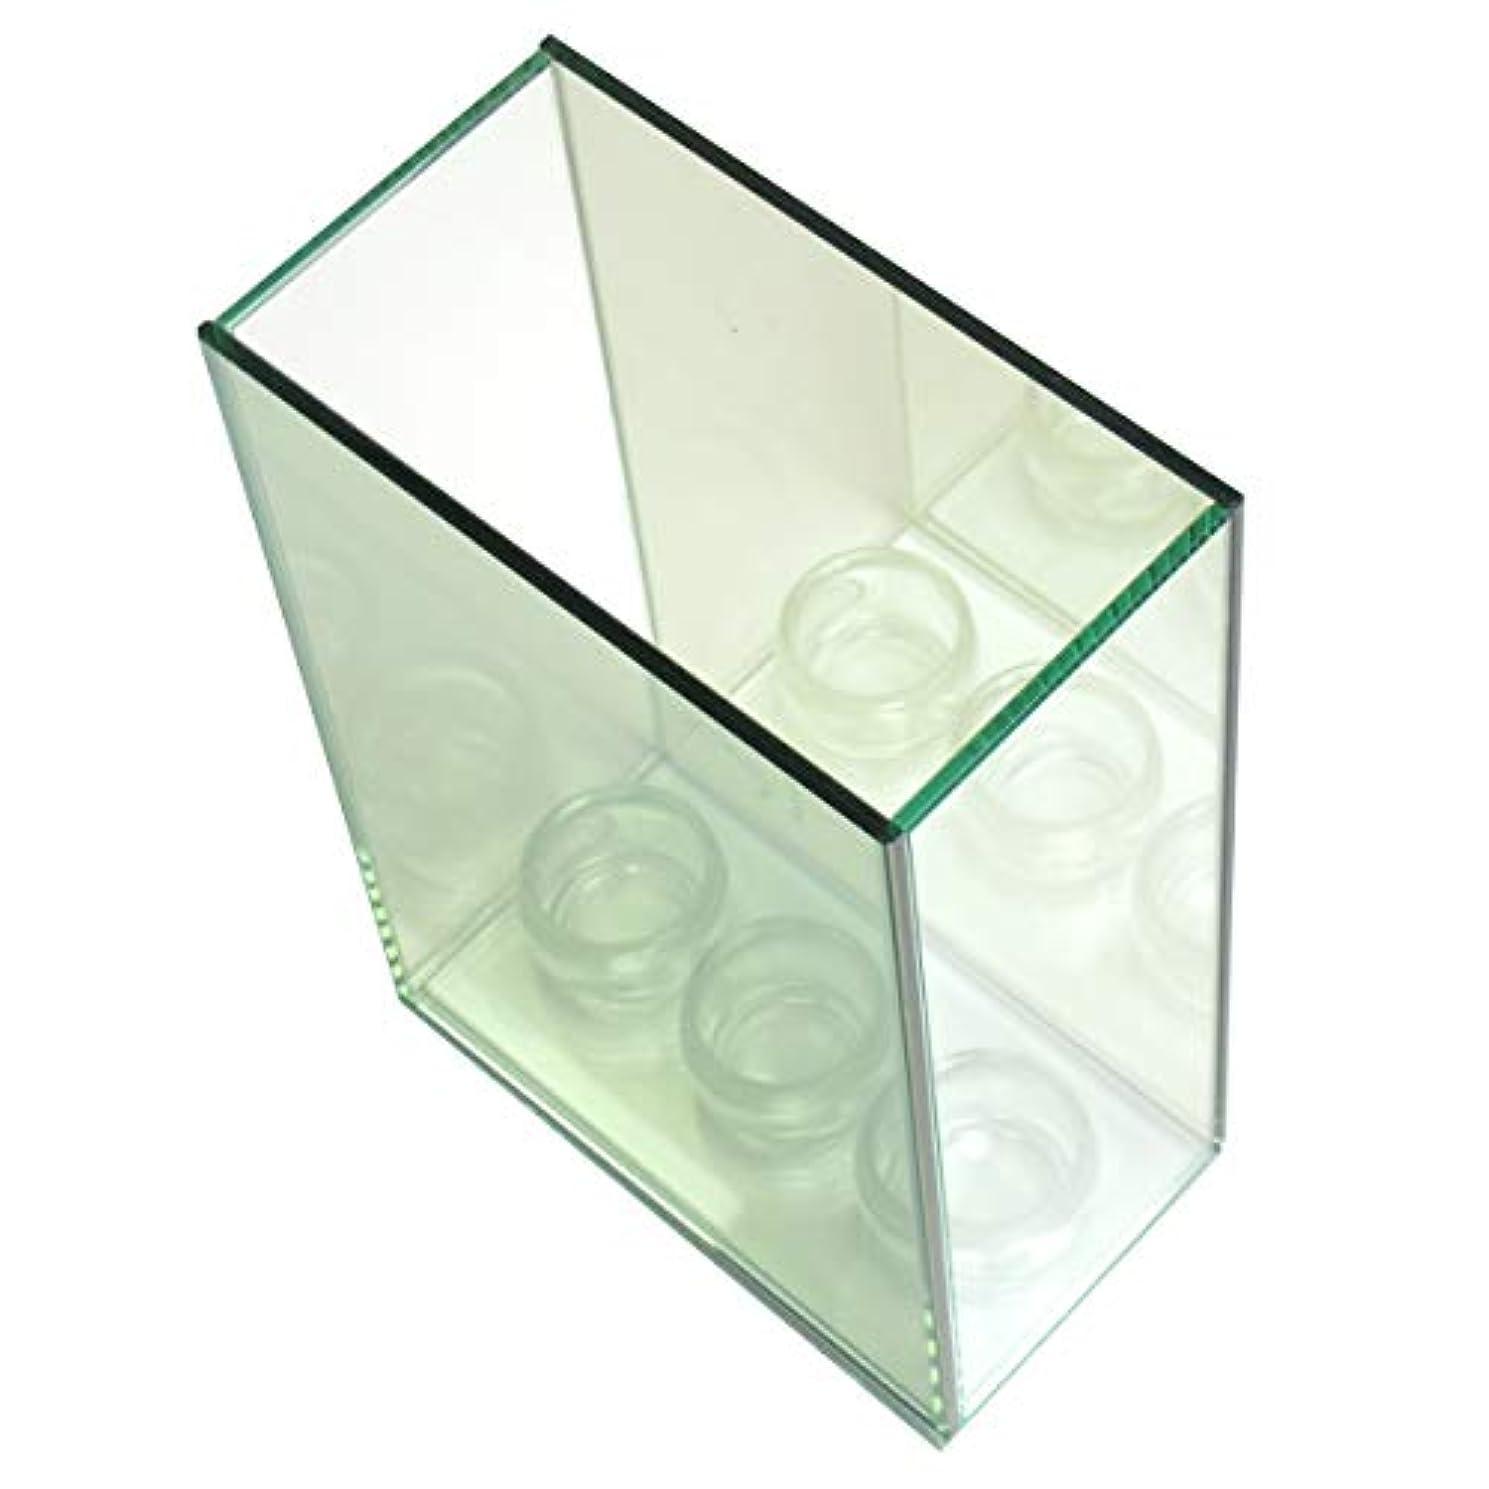 野球意志に反するする必要がある無限連鎖キャンドルホルダー 3連 ガラス キャンドルスタンド ランタン 誕生日 ティーライトキャンドル